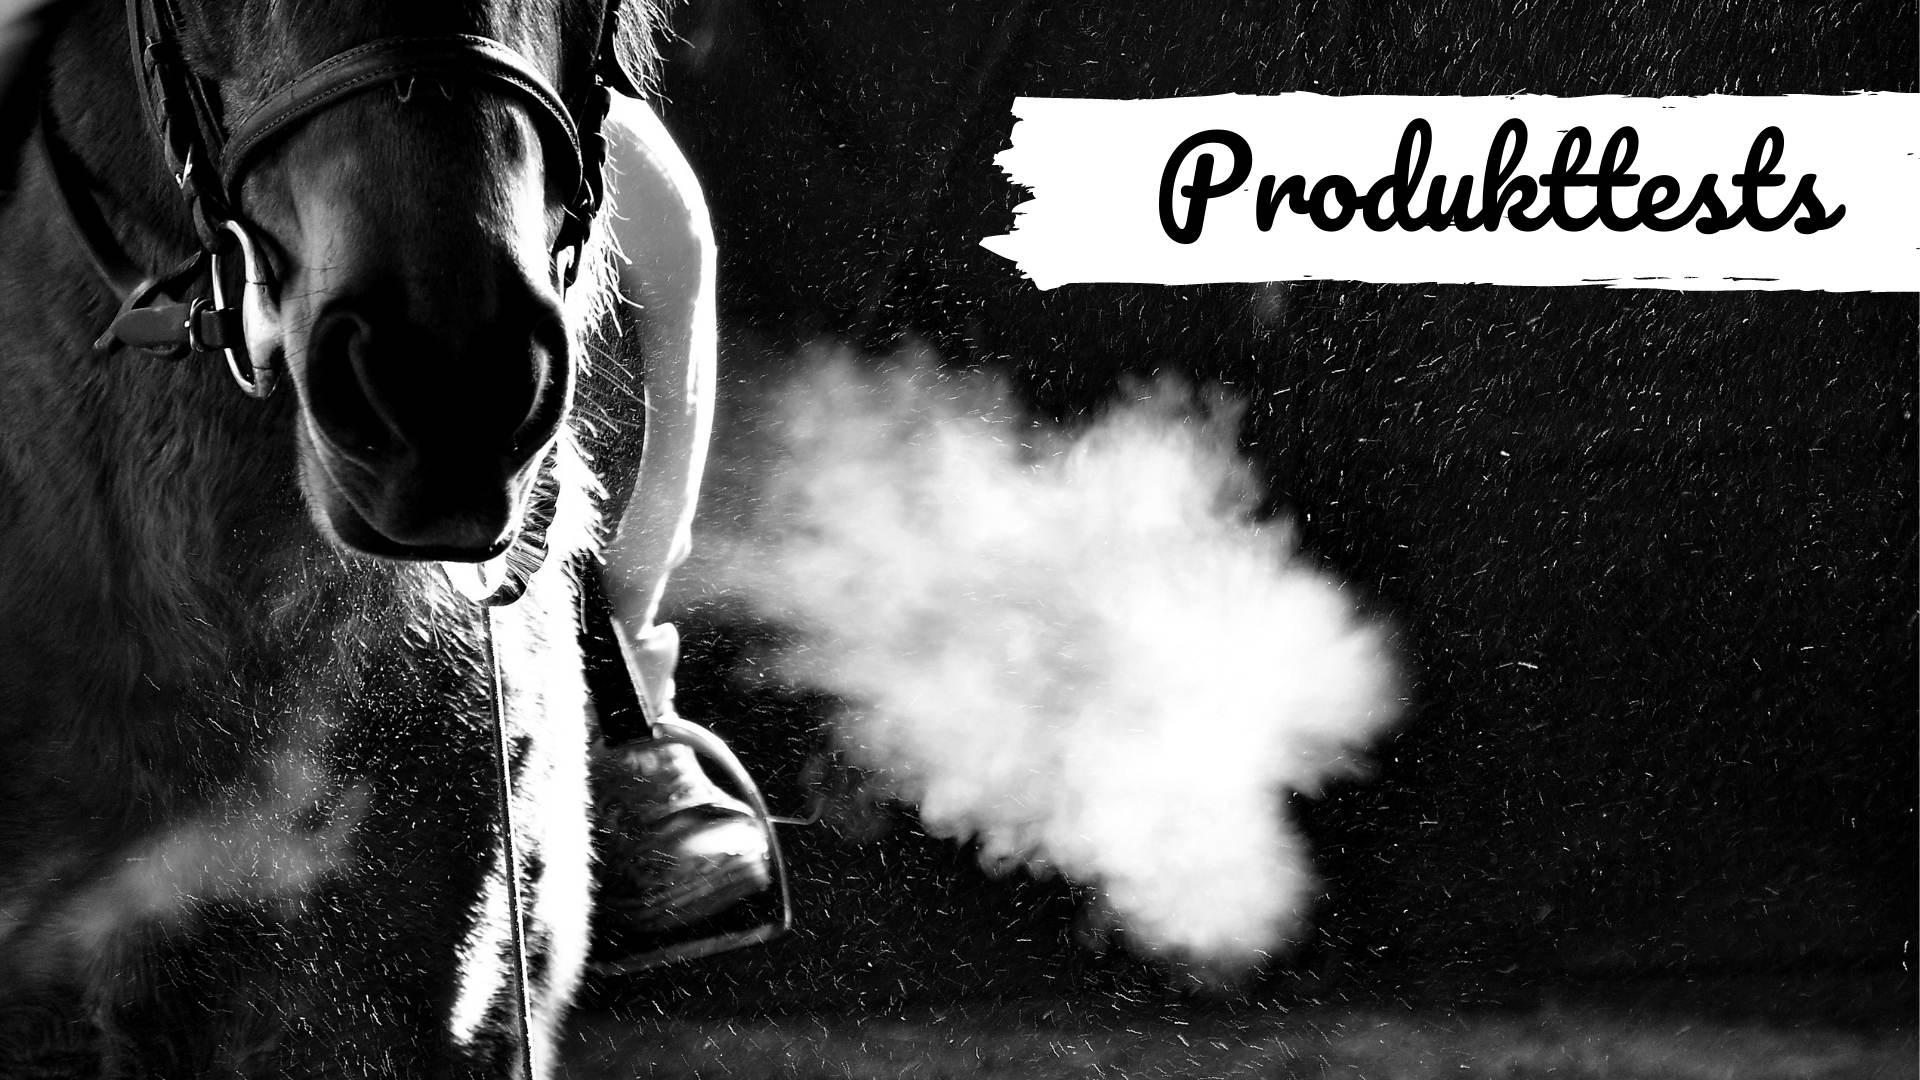 Pferdeblog mit Produkttests